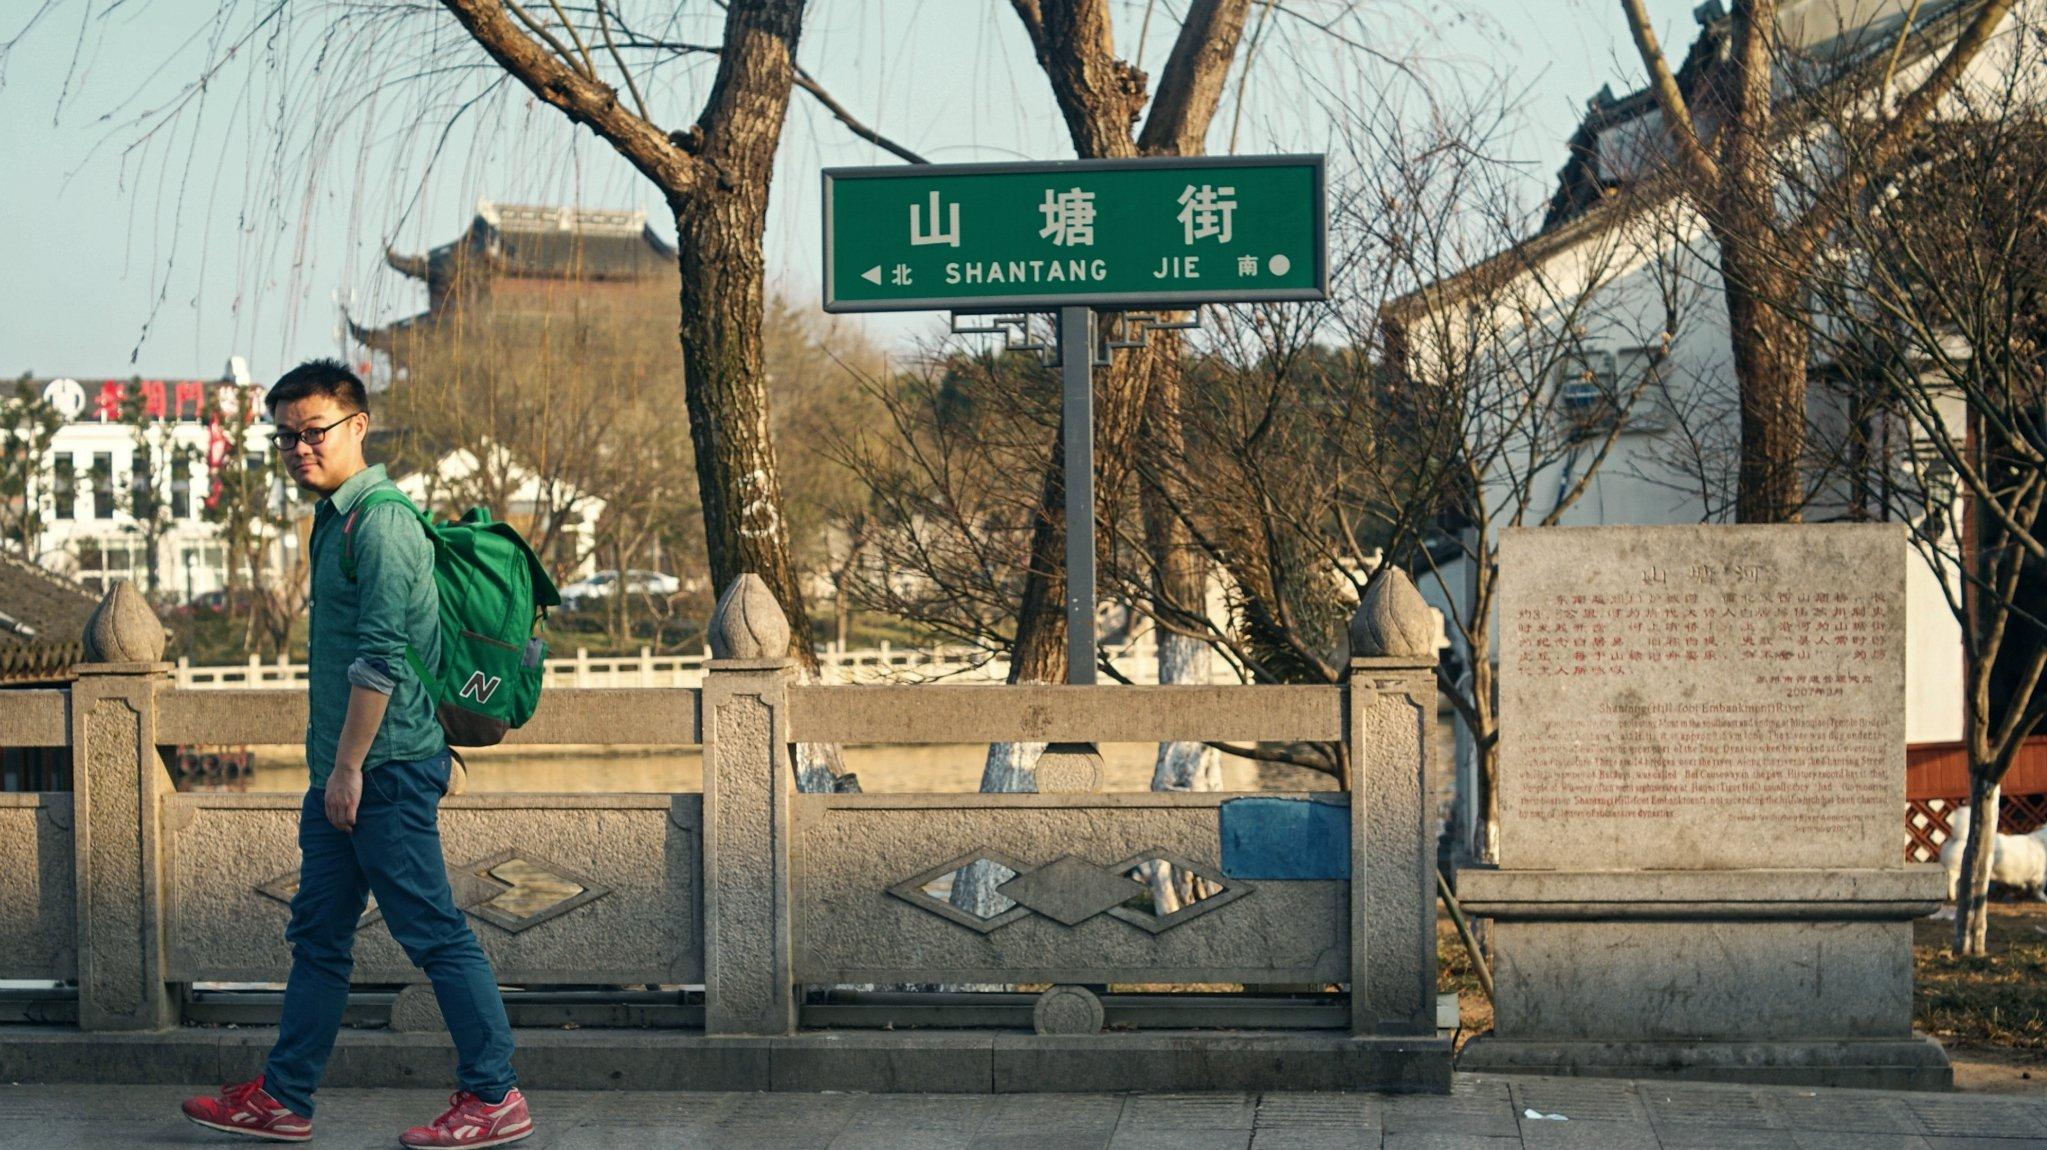 一曲江南意,寒日游园会(苏州/周庄/同里/无锡/上海)